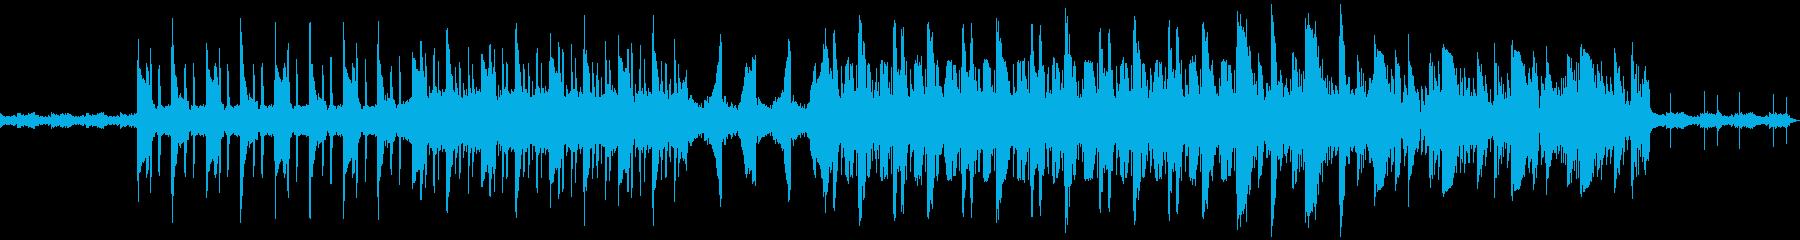 独創的な雰囲気のダウンテンポ&チルアウトの再生済みの波形